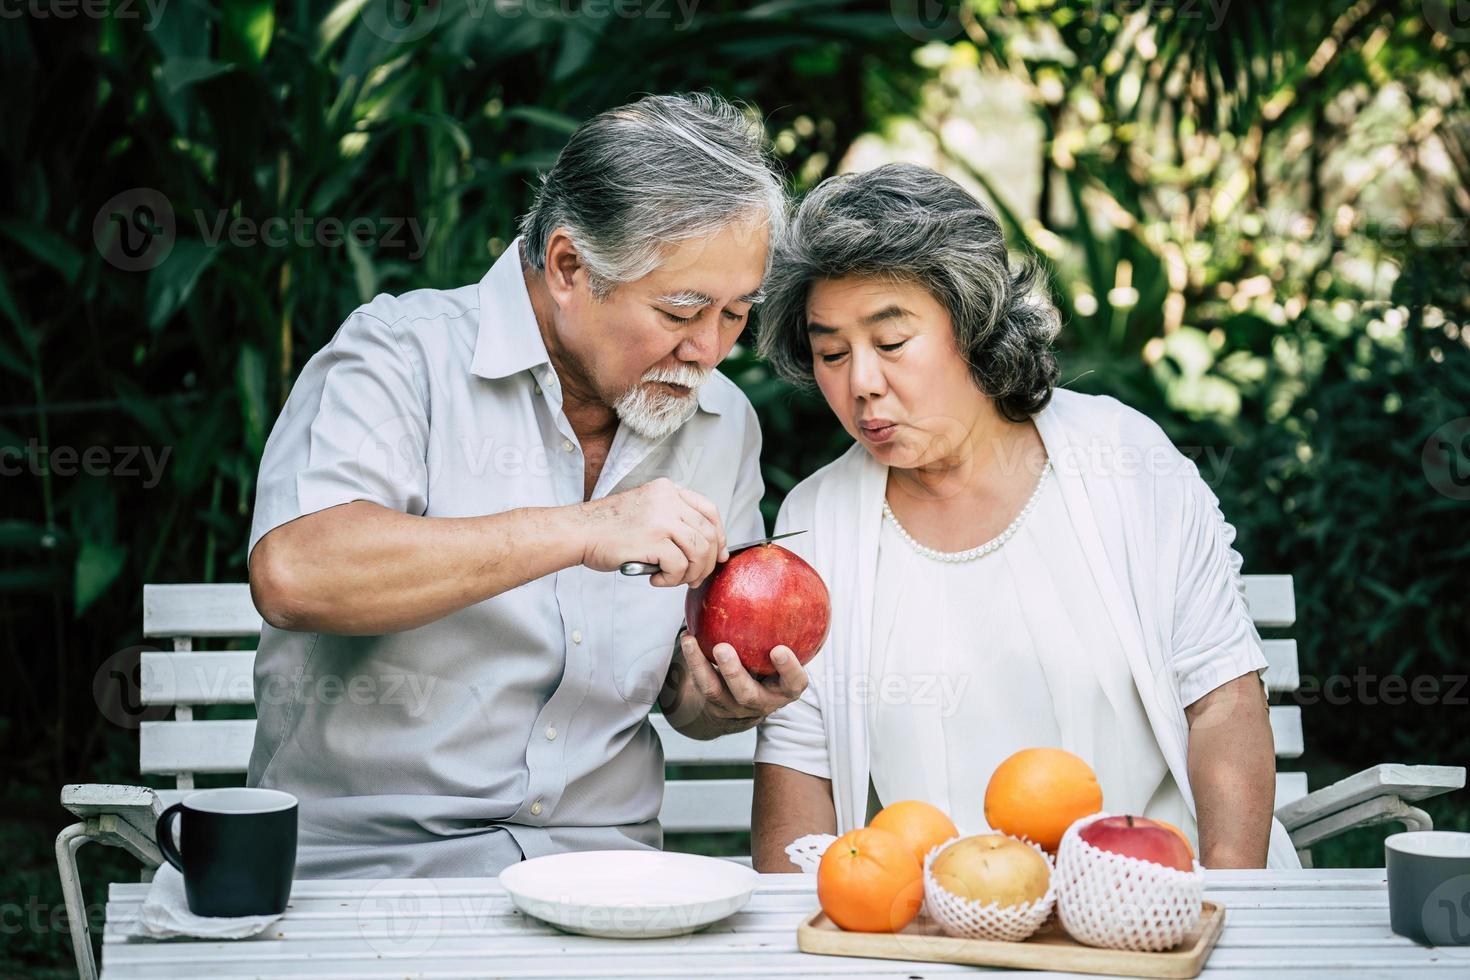 älteres Ehepaar, das Obst schneidet und isst foto